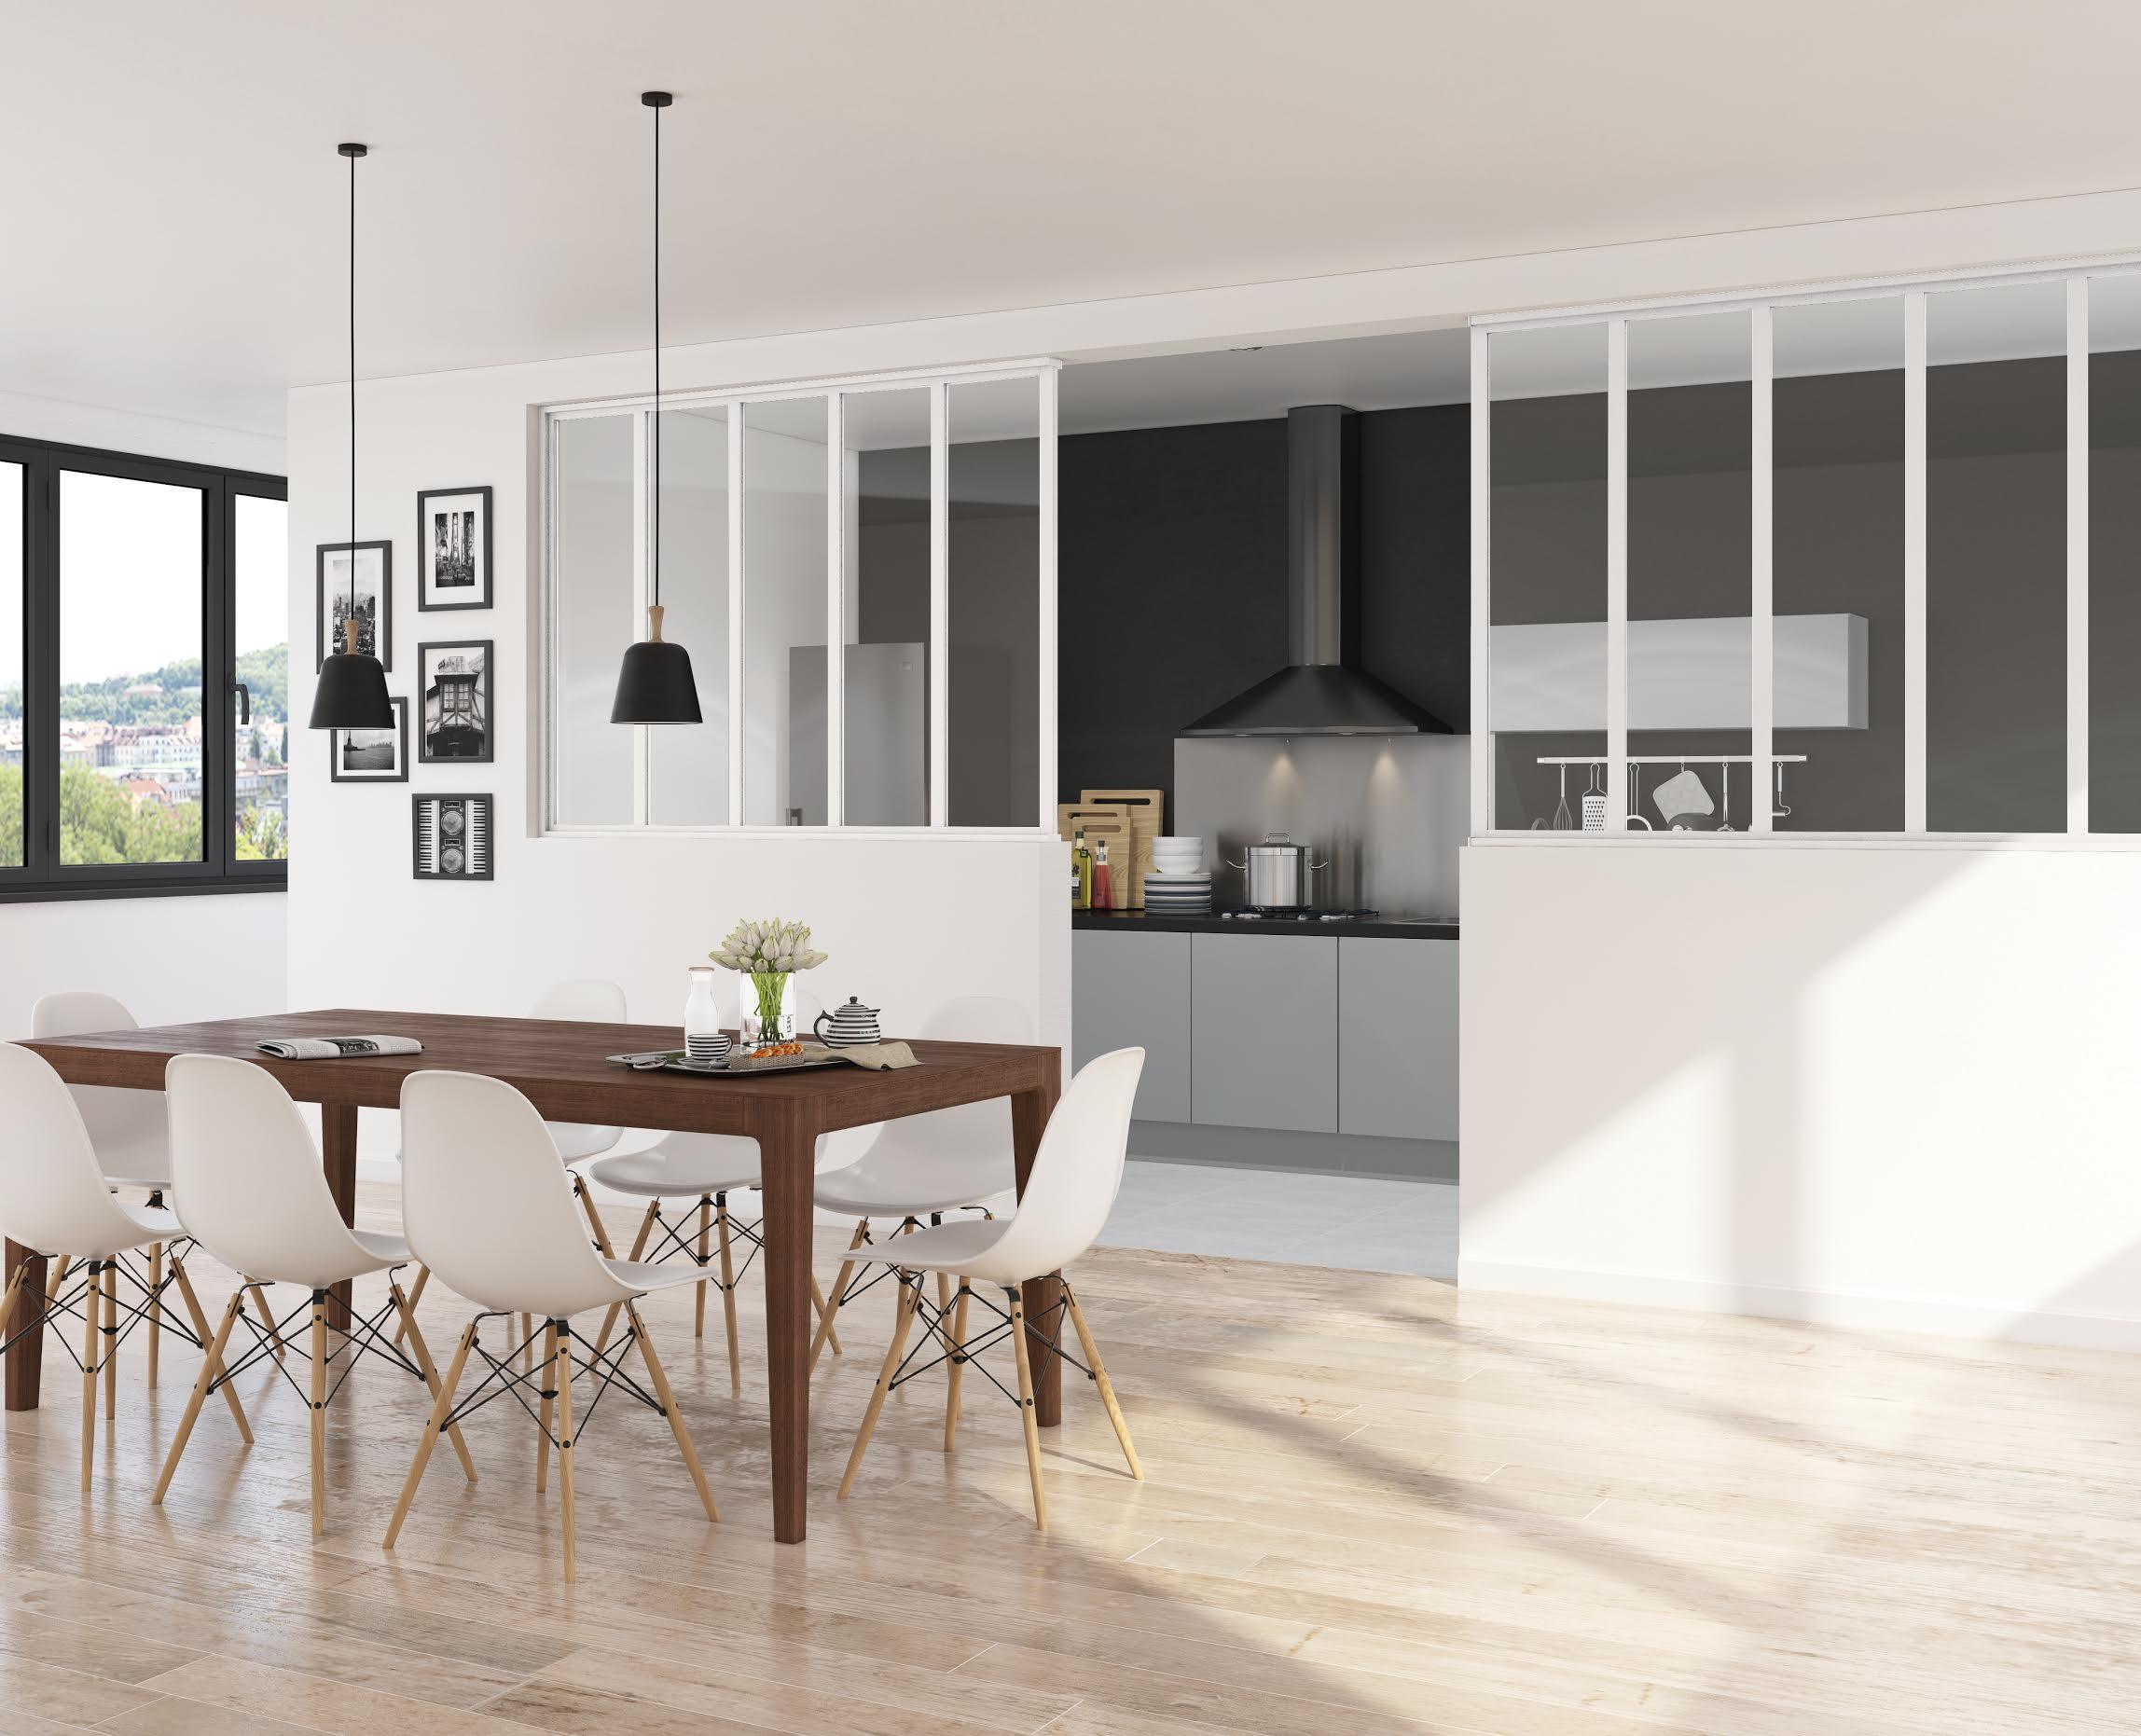 la touche couleur fait la d co c cile roux relations presse. Black Bedroom Furniture Sets. Home Design Ideas